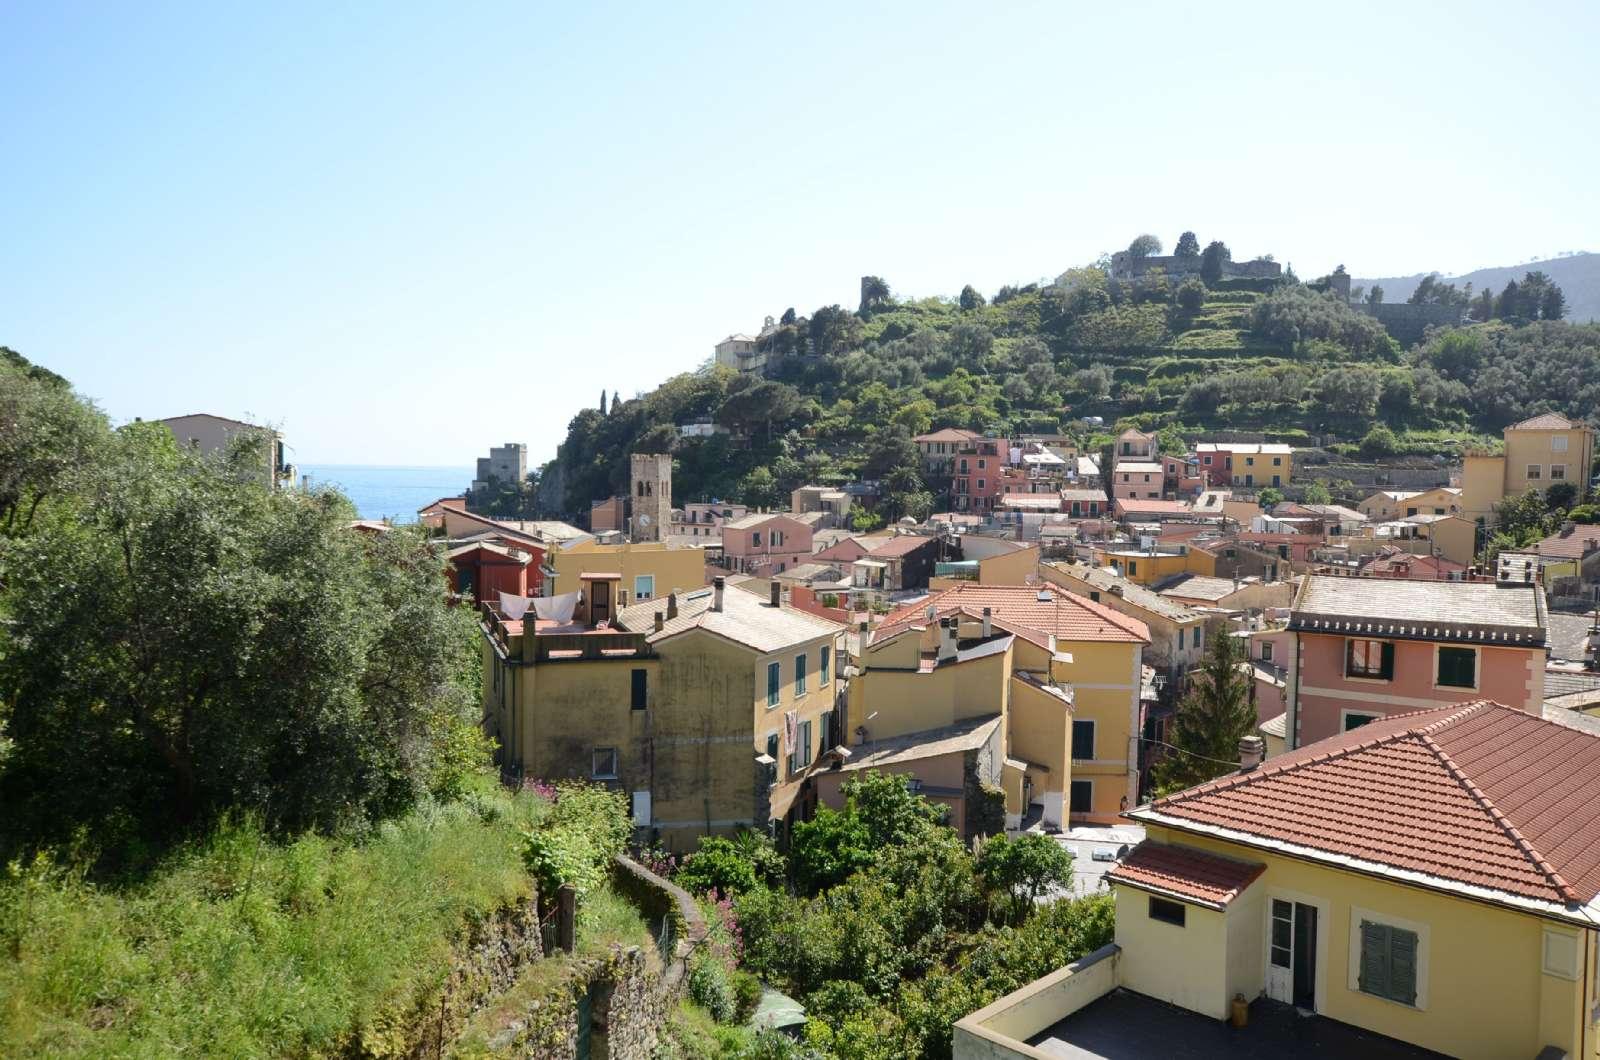 Utsikt från takterrassen för gemensamt bruk